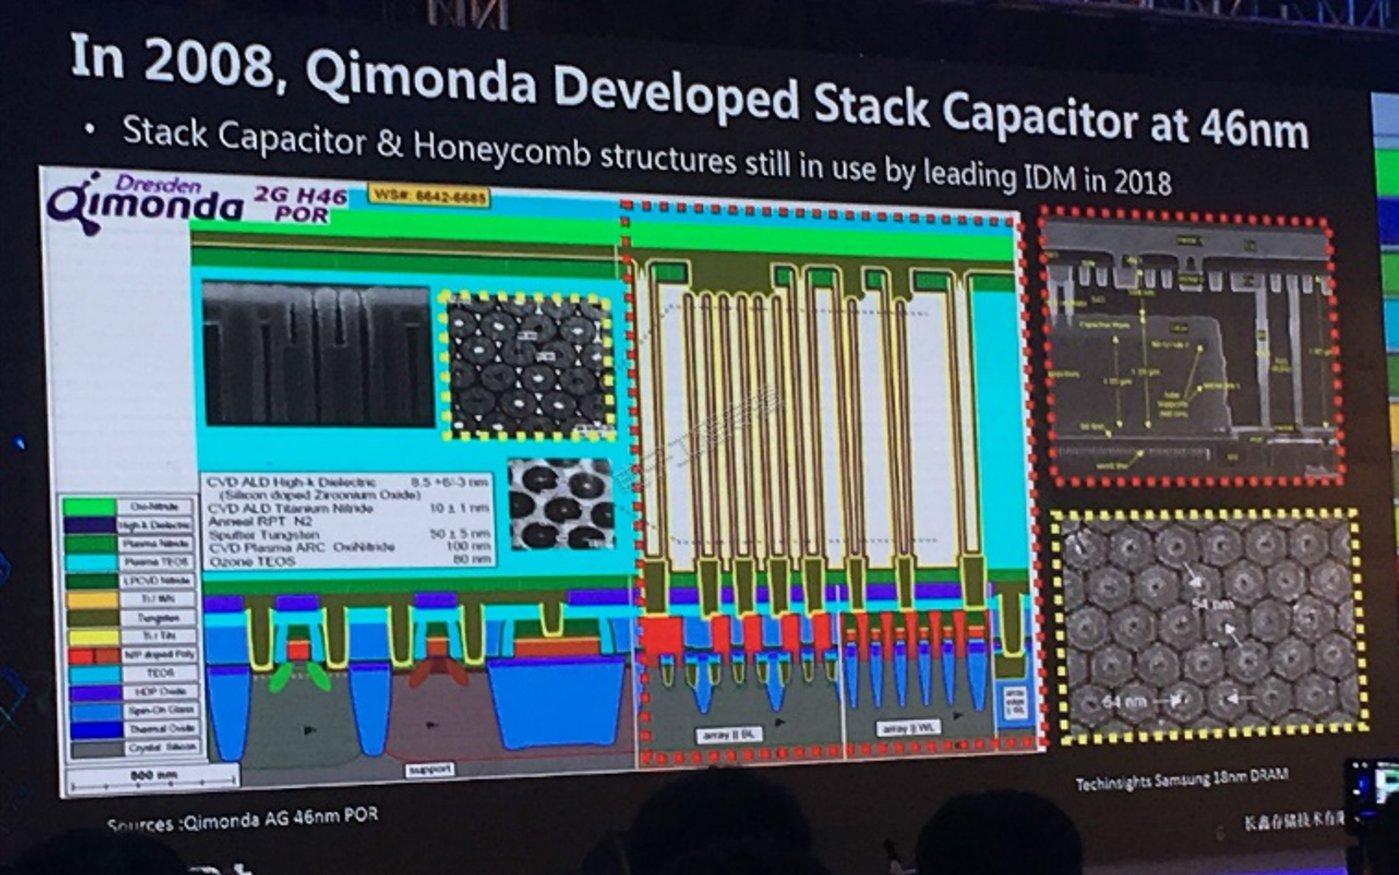 合肥长鑫推出DRAM芯片产品,中国实现了从0到1的突破